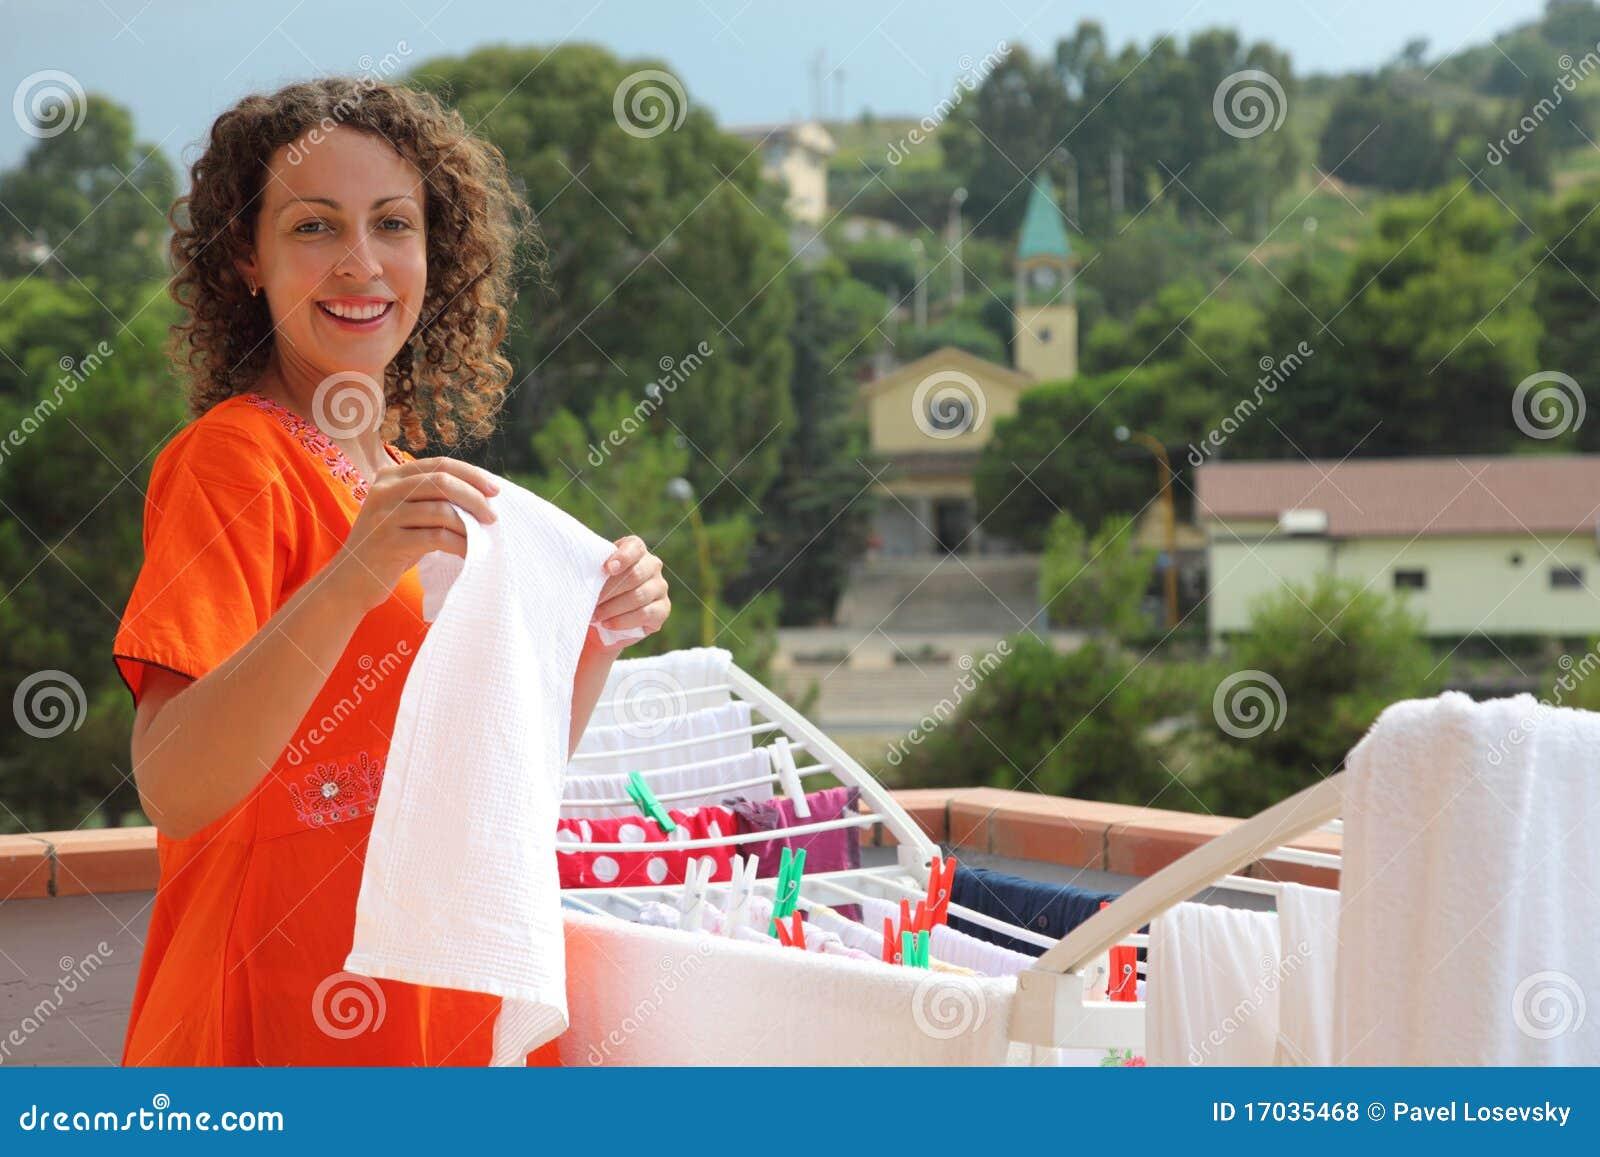 Фото женщины развешивающей белье 11 фотография